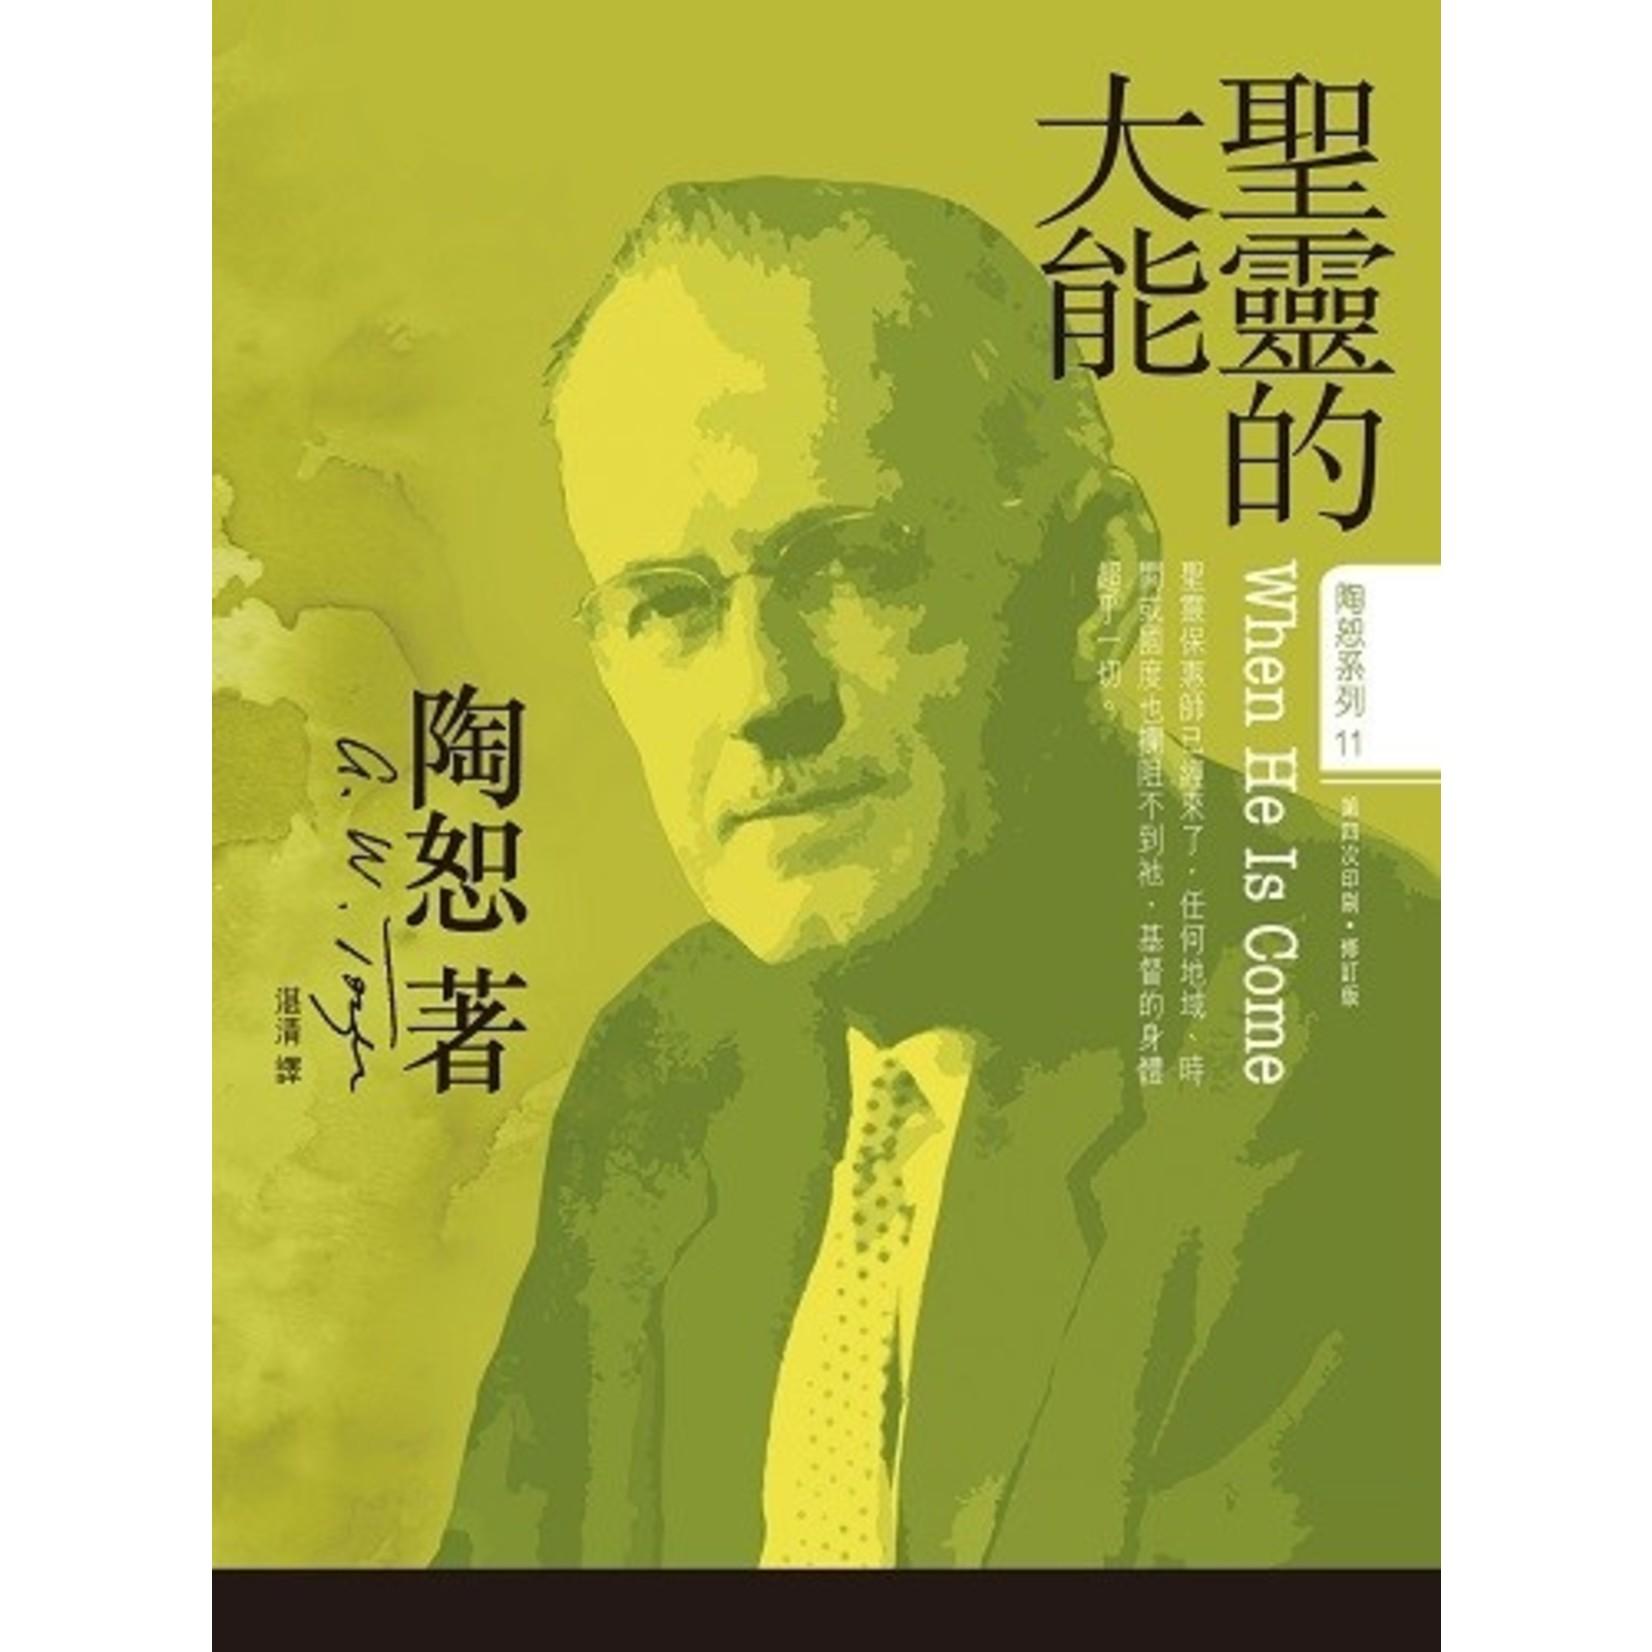 宣道 China Alliance Press 陶恕系列11:聖靈的大能 (修訂版)When He Is Come